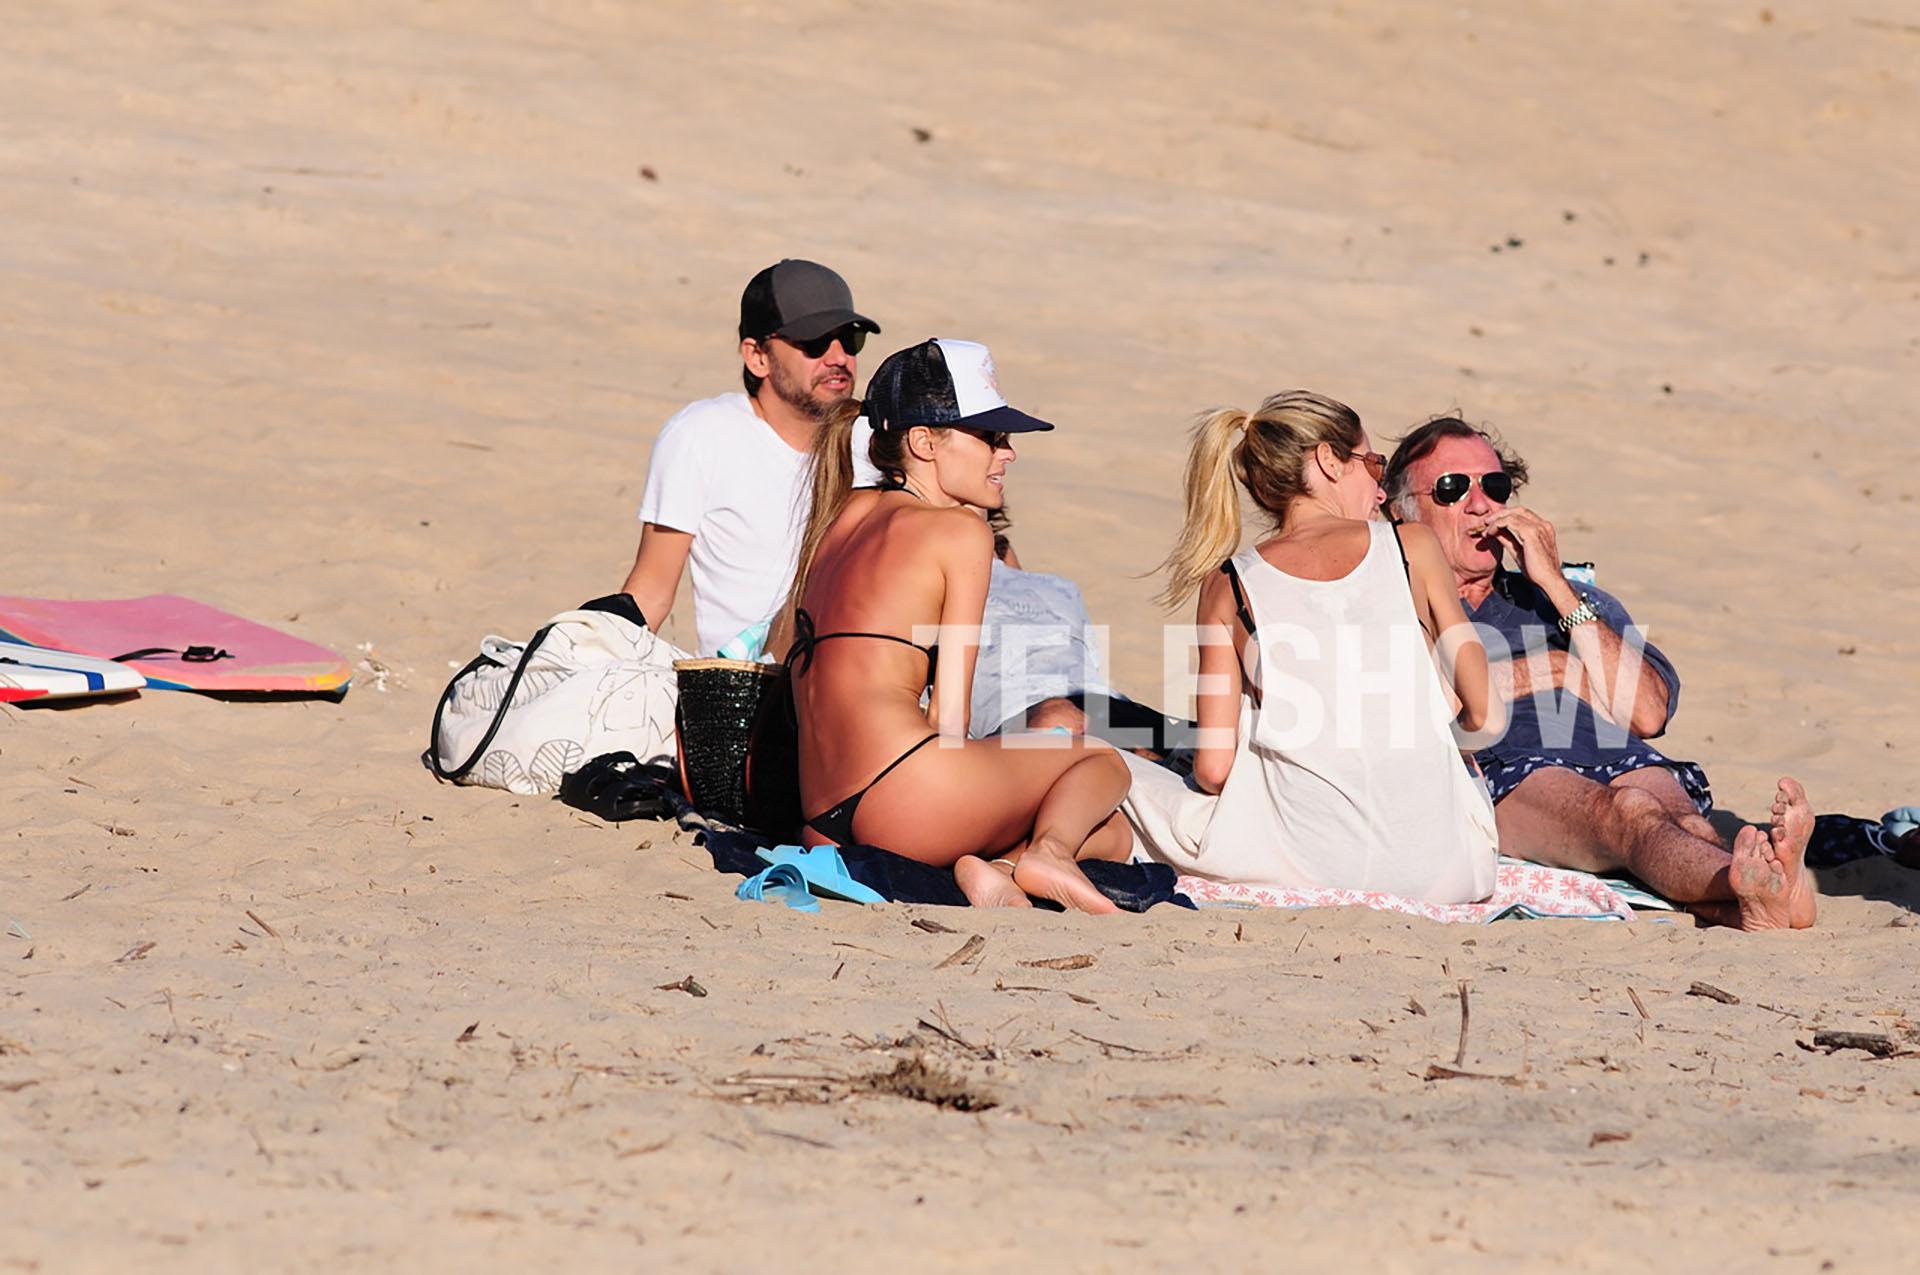 La modelo aprovechó para relajarse en la playa en compañía de buenos amigos